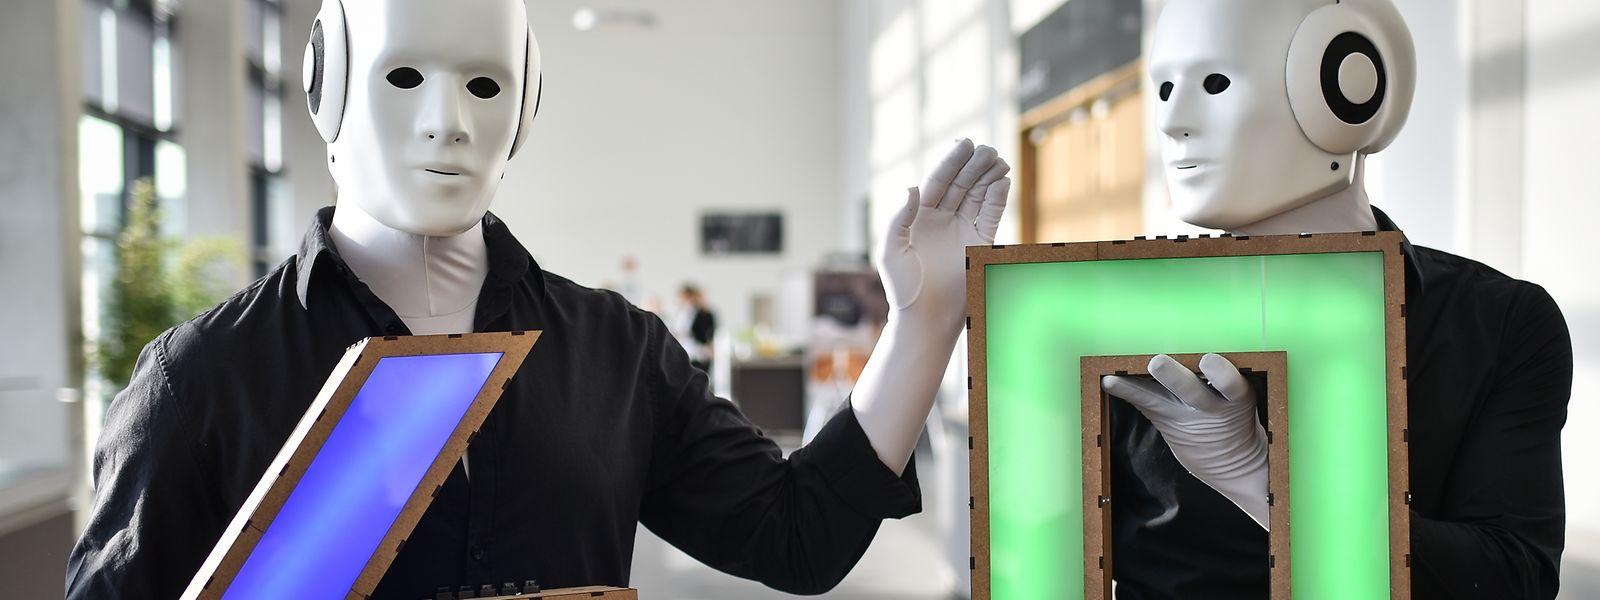 Les travailleurs et les robots sont amenés à collaborer plus étroitement ensemble.